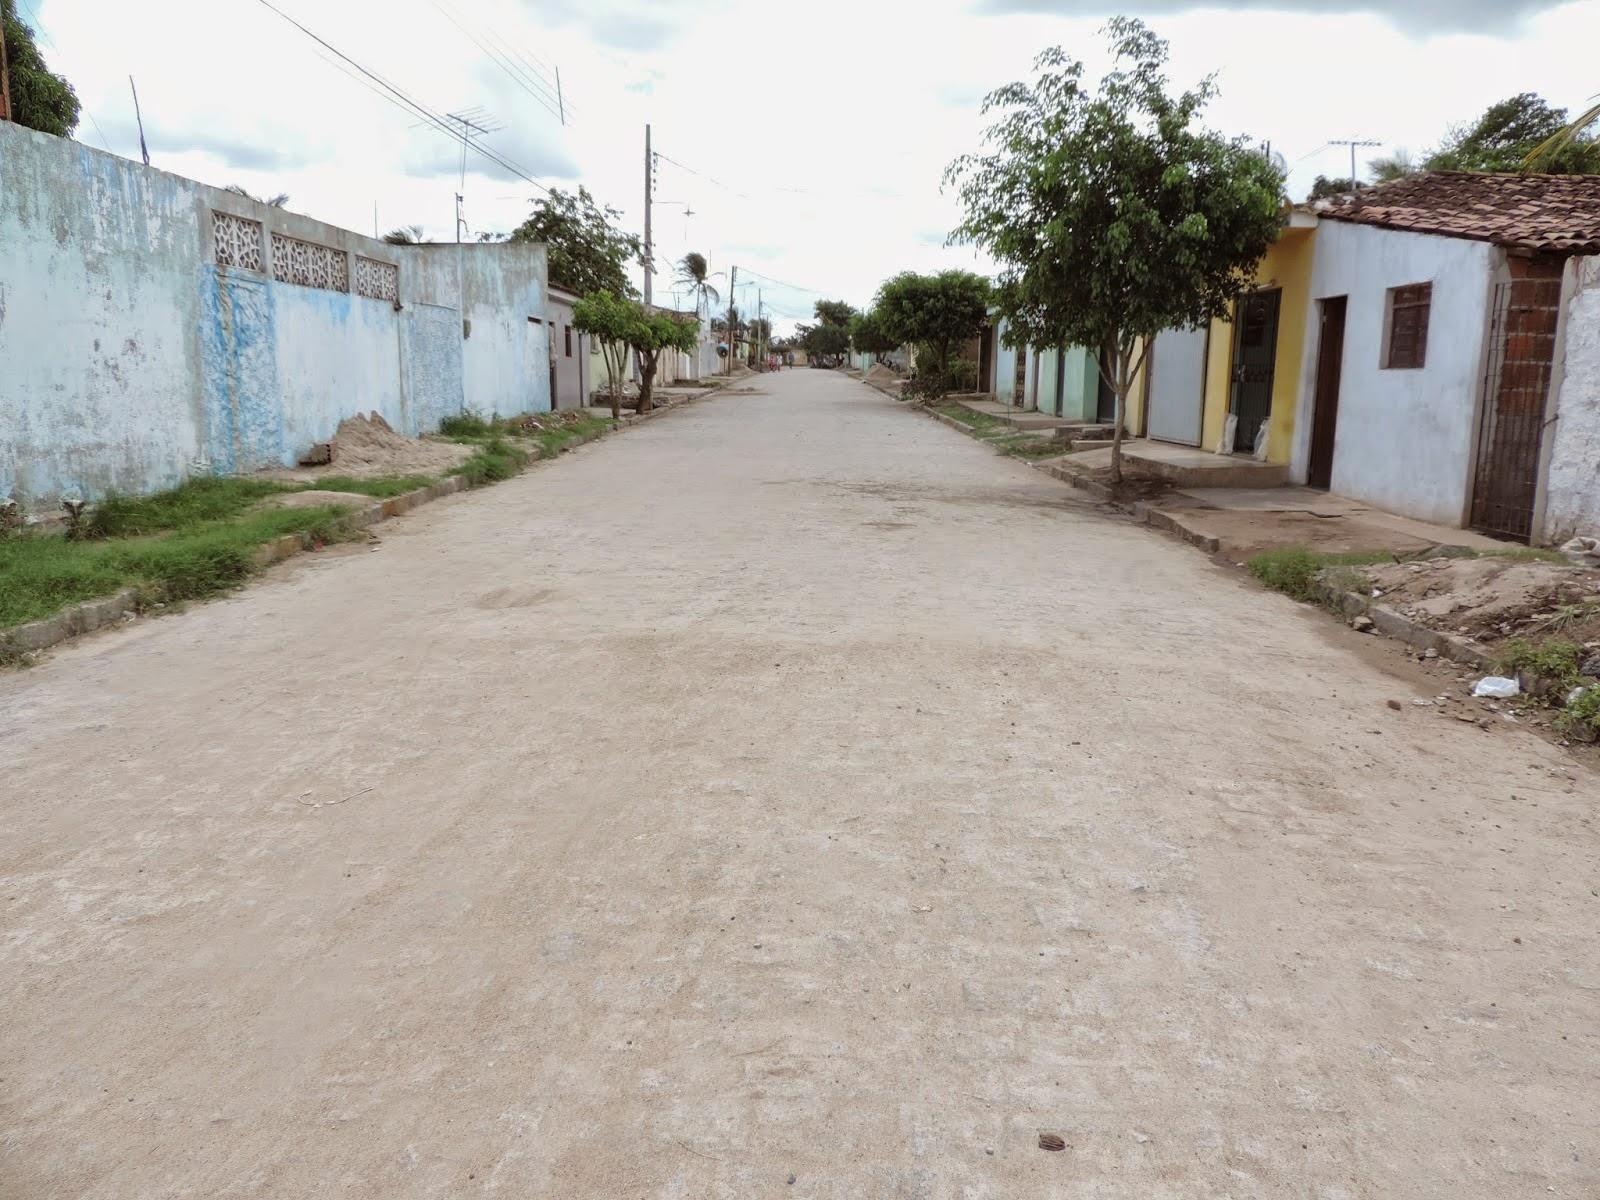 Prefeitura Municipal de Mari finaliza calçamento da Rua Getúlio Vargas no Bairro Vermelho